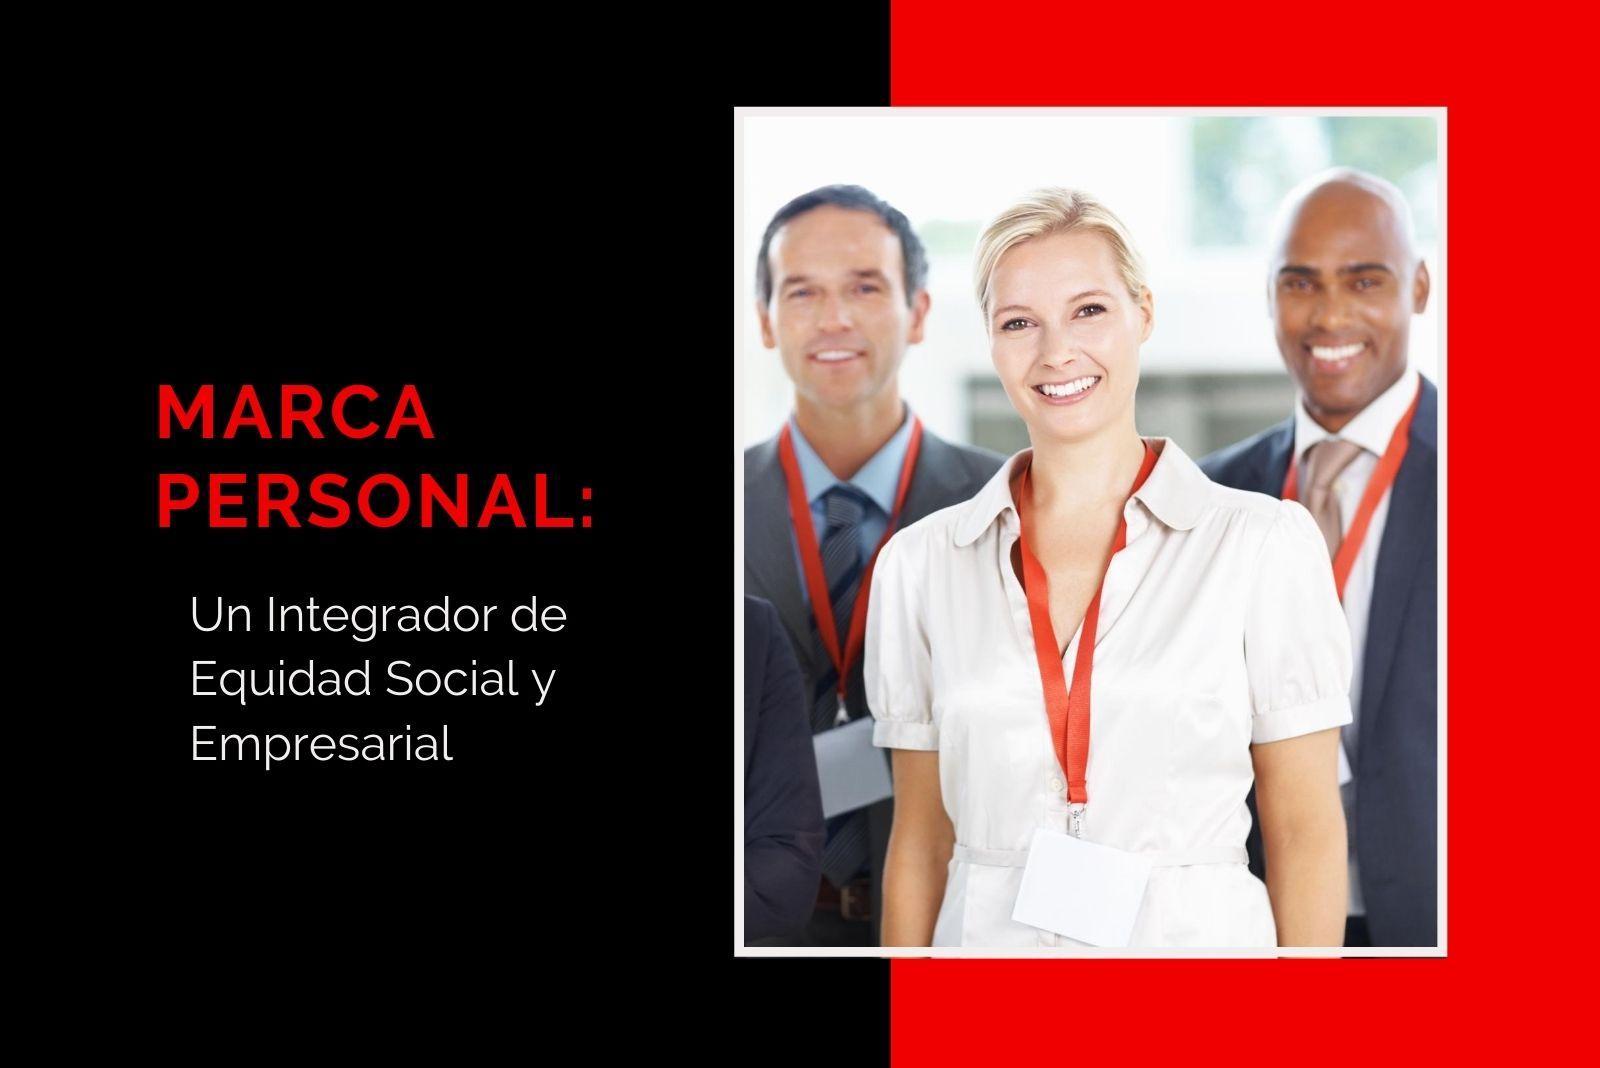 Hector Jimenez - Marca Personal_ Un Integrador de Equidad Social y Empresarial - 1